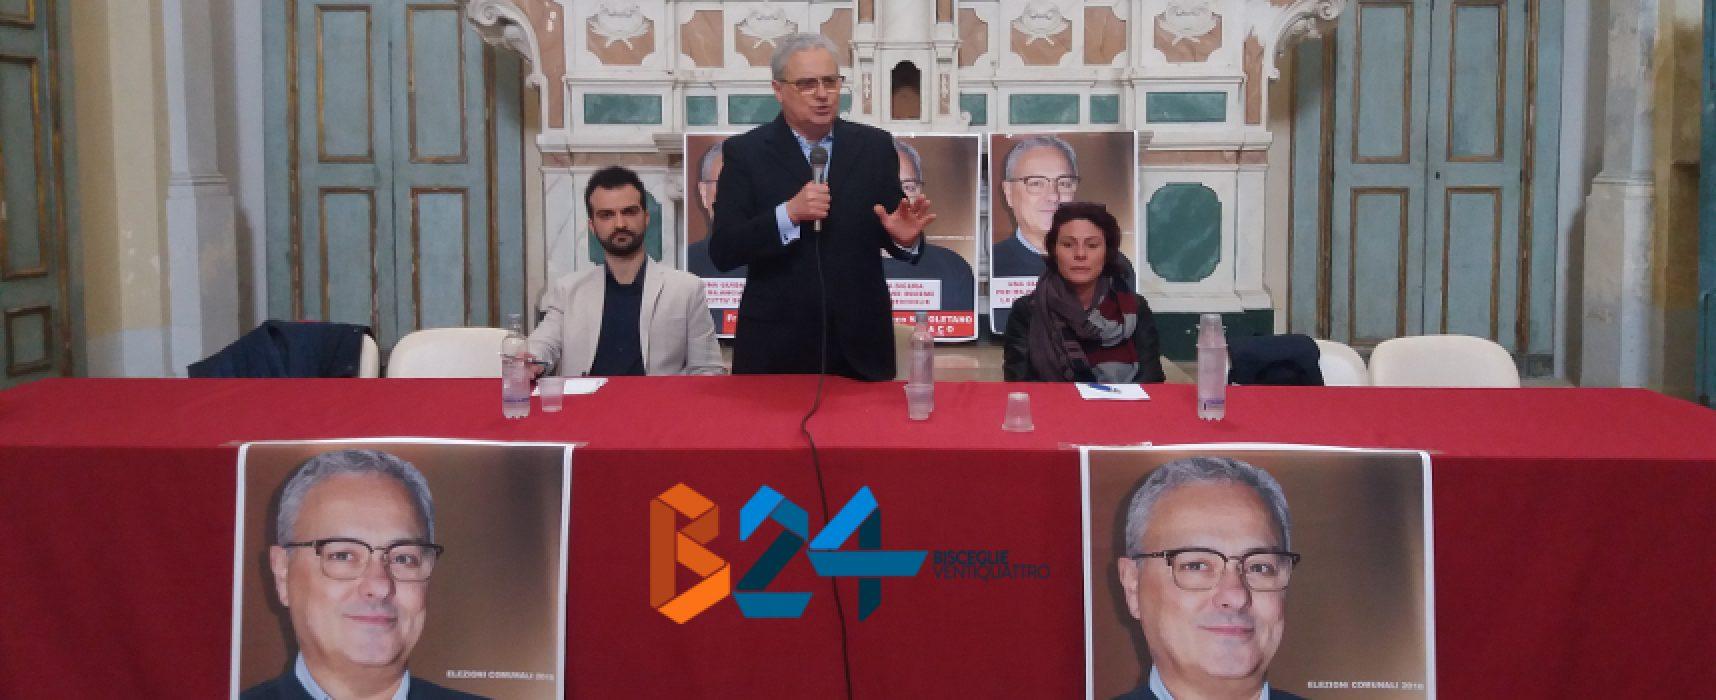 """Napoletano lancia candidatura: """"Serve sindaco capace. Parole Boccia virulente e odiose"""" / VIDEO"""